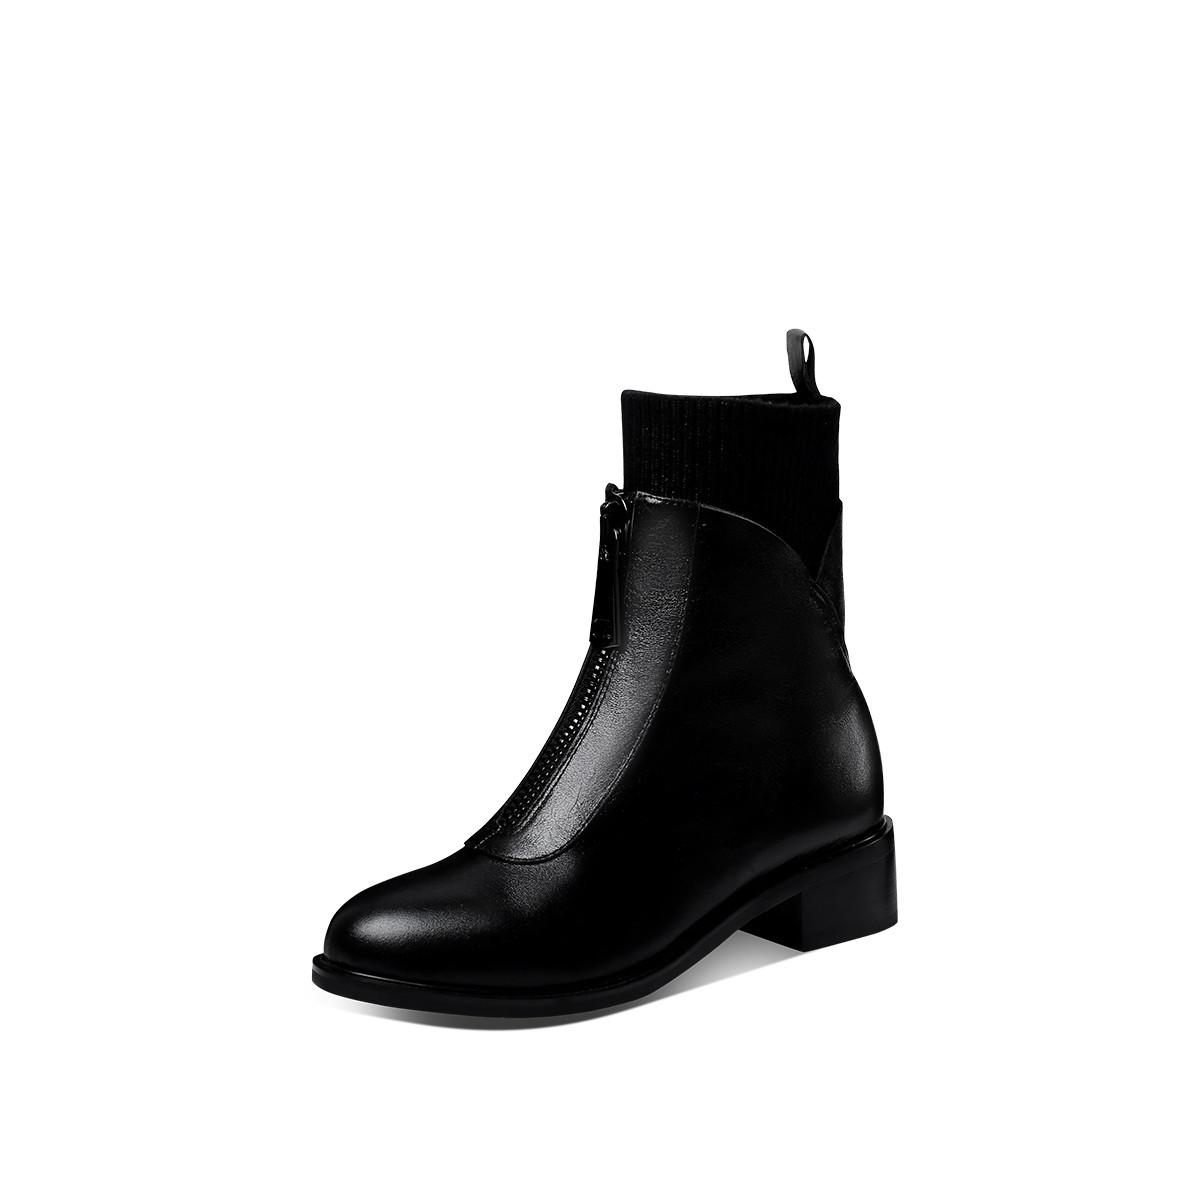 香阁儿香阁儿2019年冬季新款牛皮/毛线中跟粗跟圆头女短靴X9DXMB036BHS